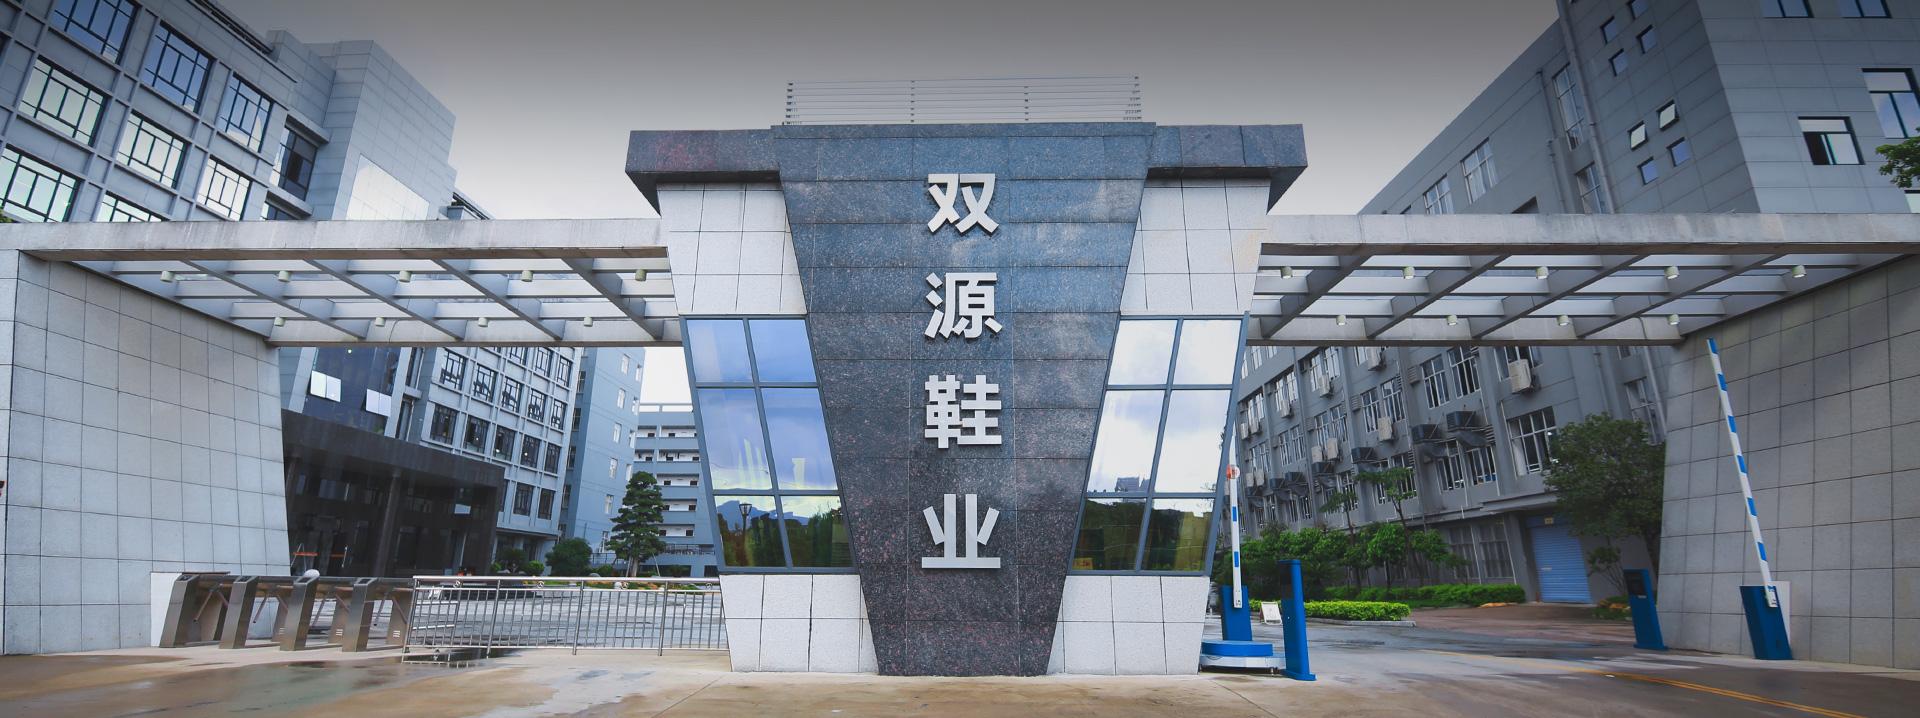 shuangyuan.jpg